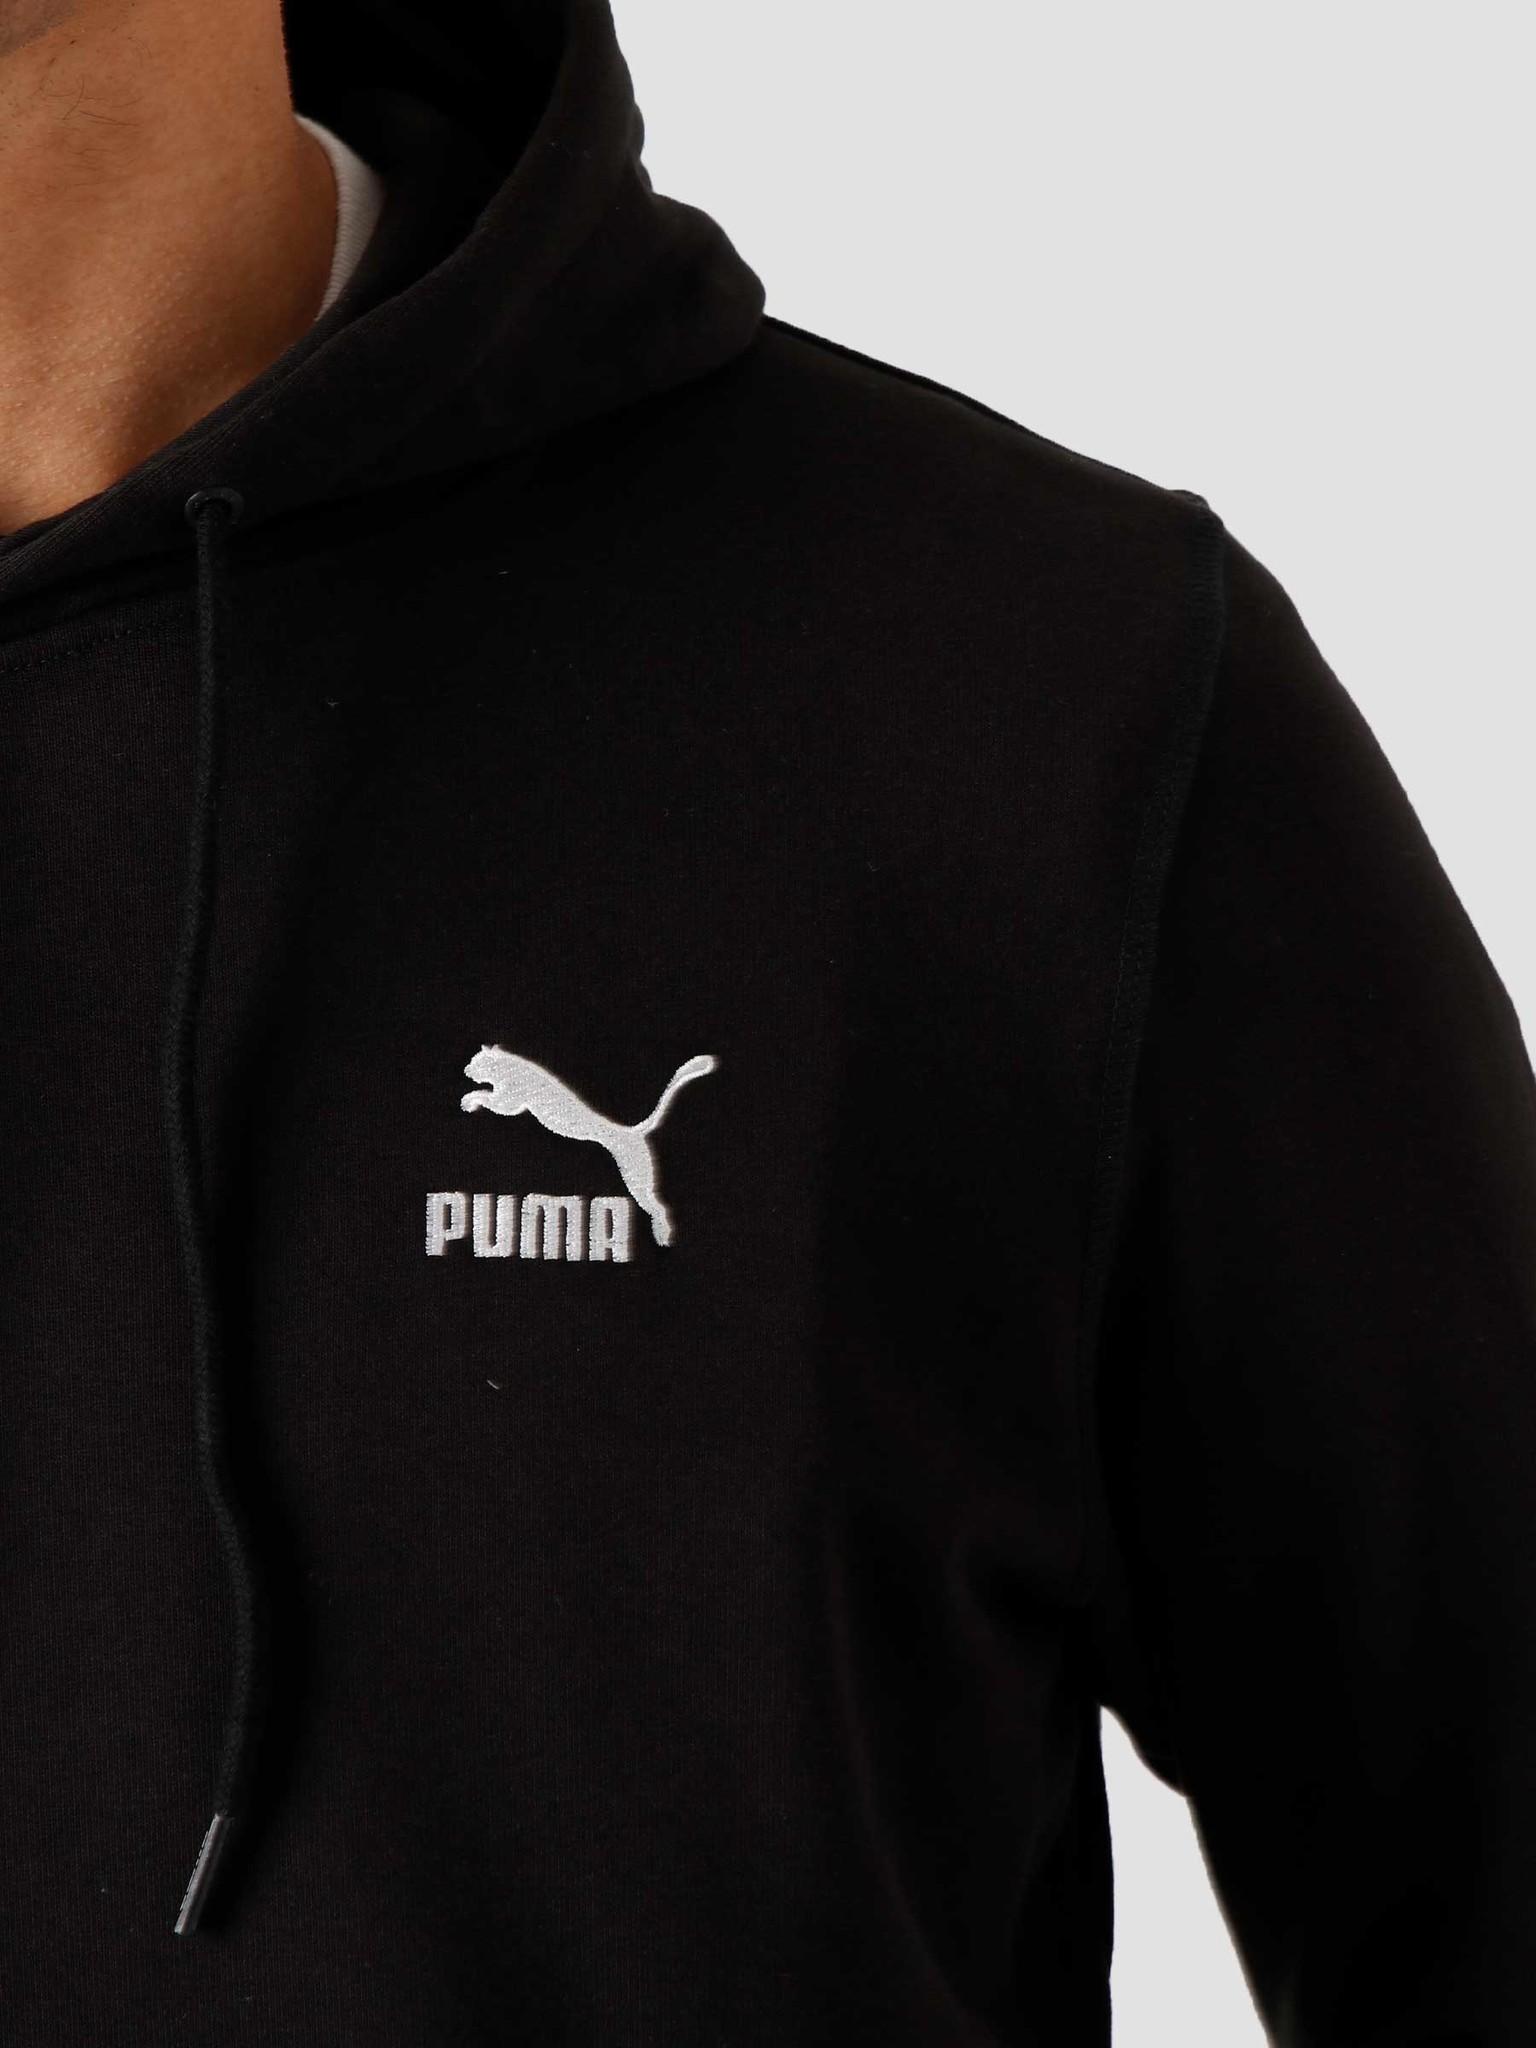 Puma Puma Classics Embro Hoodie TR Puma Black 599785 01